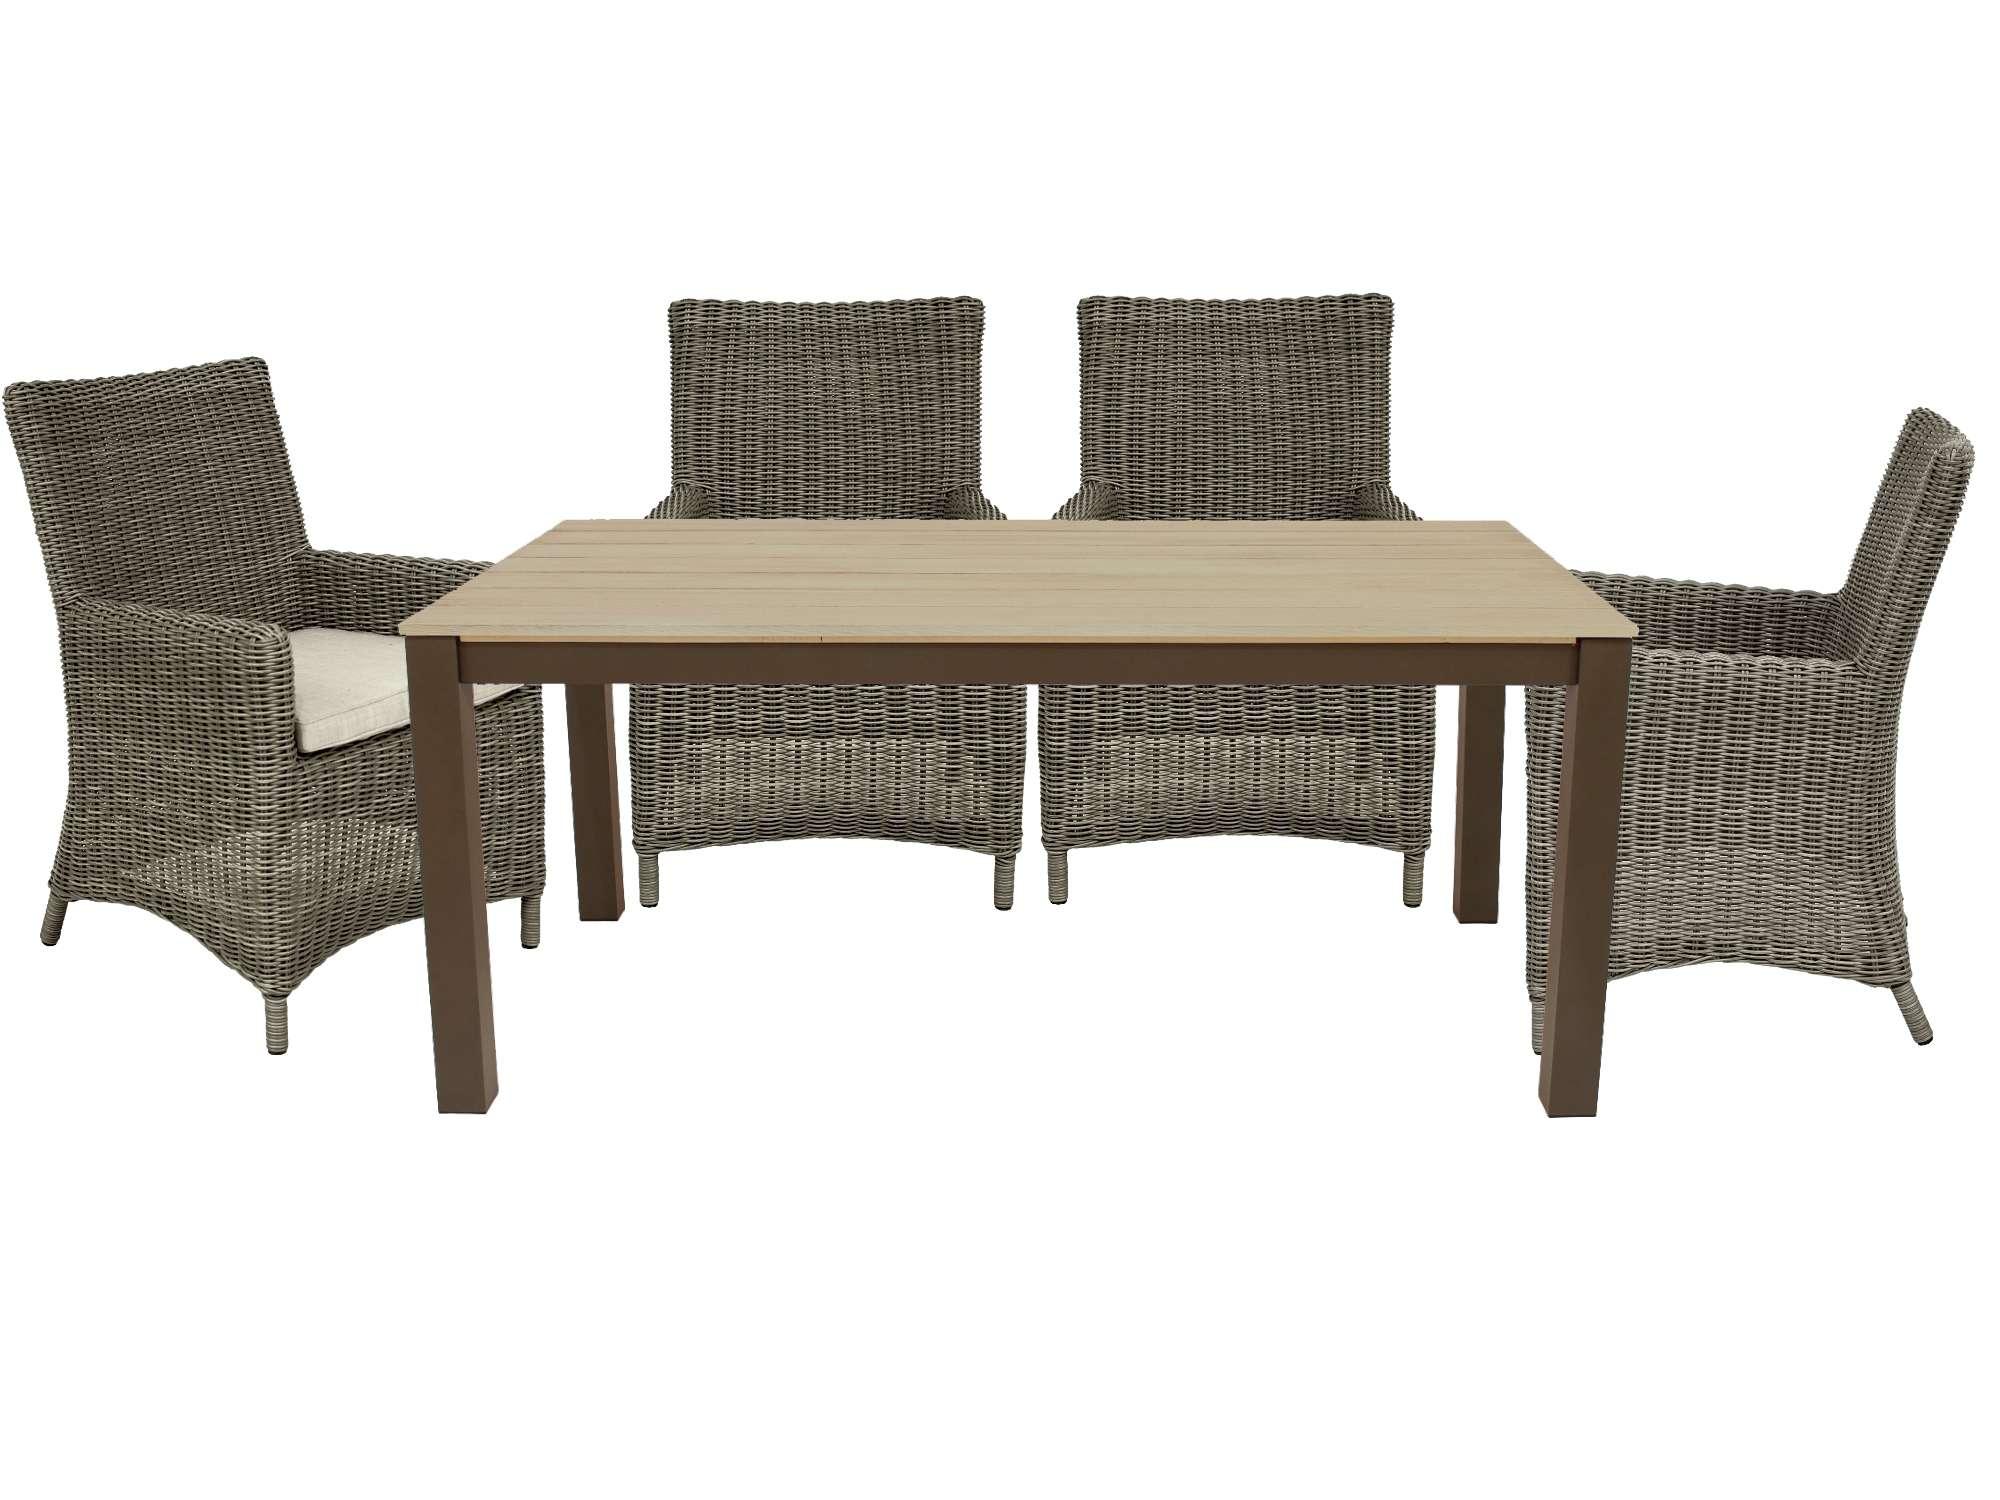 Set Sessel Chicago grey willow + Tisch Keitum | Gartenmöbel Sets ...